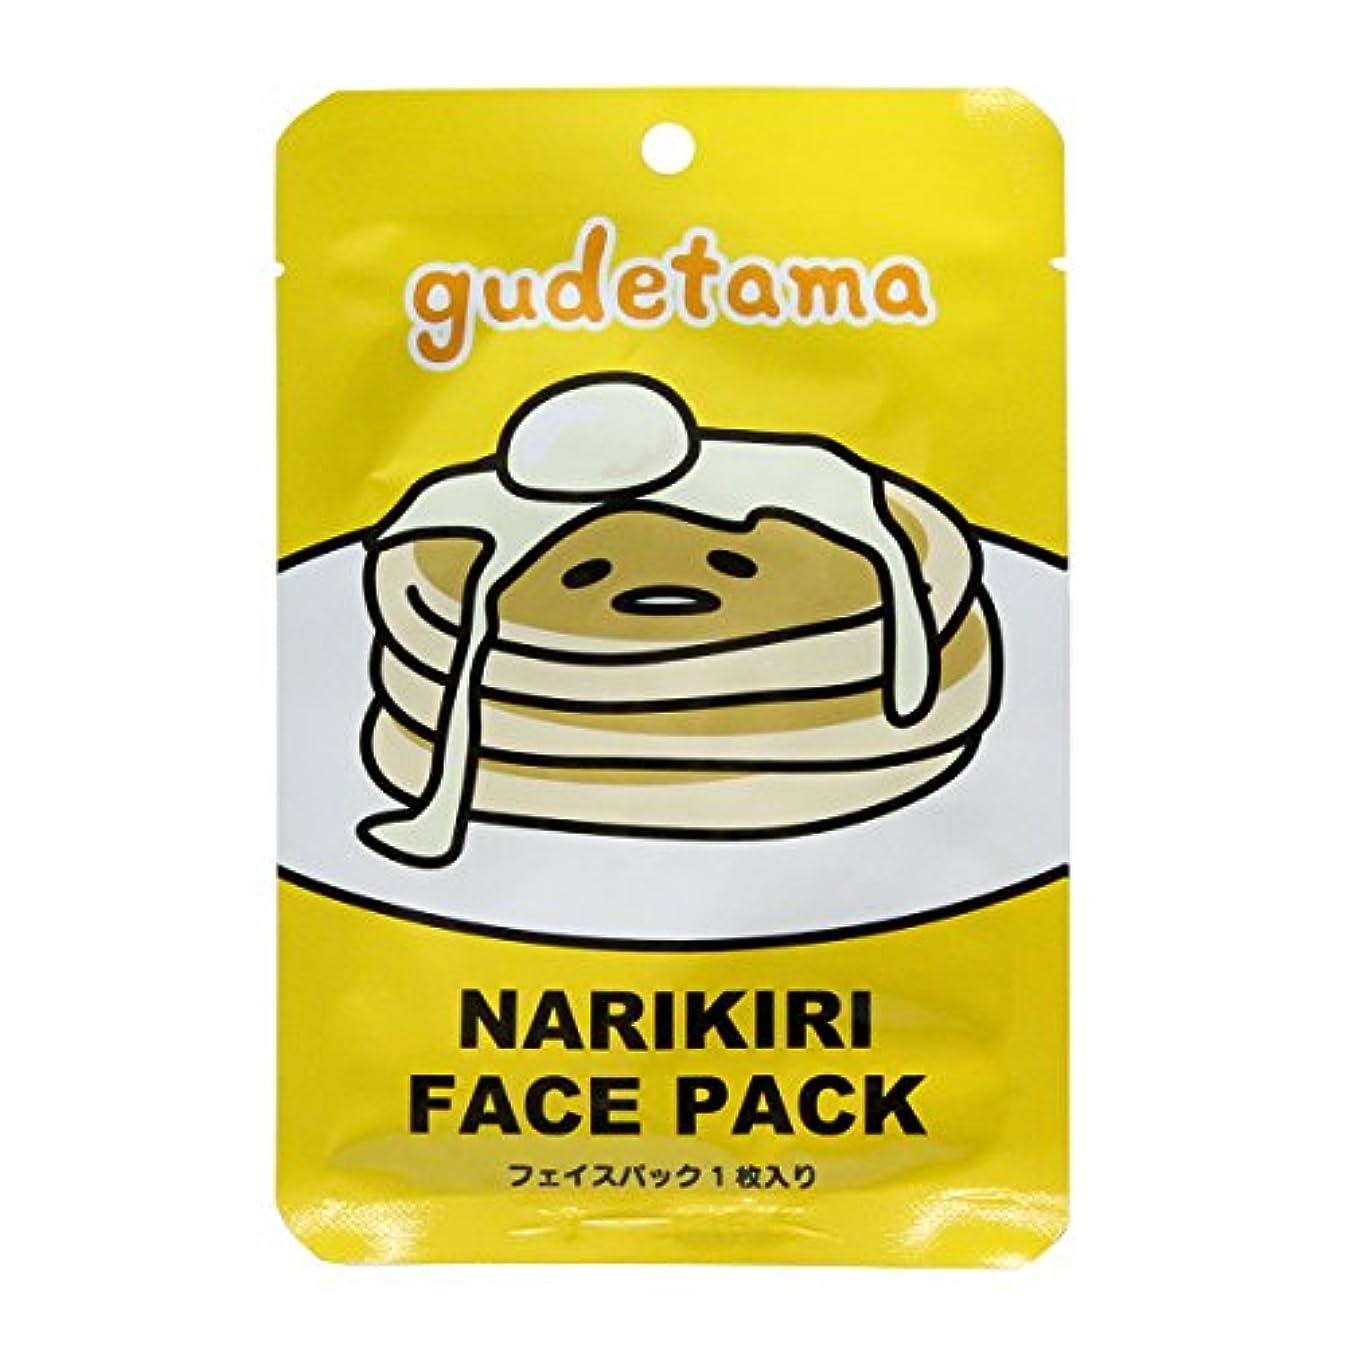 かご聡明赤字ぐでたま なりきりフェイスパック パンケーキ バニラの香り (20mL × 1枚入)